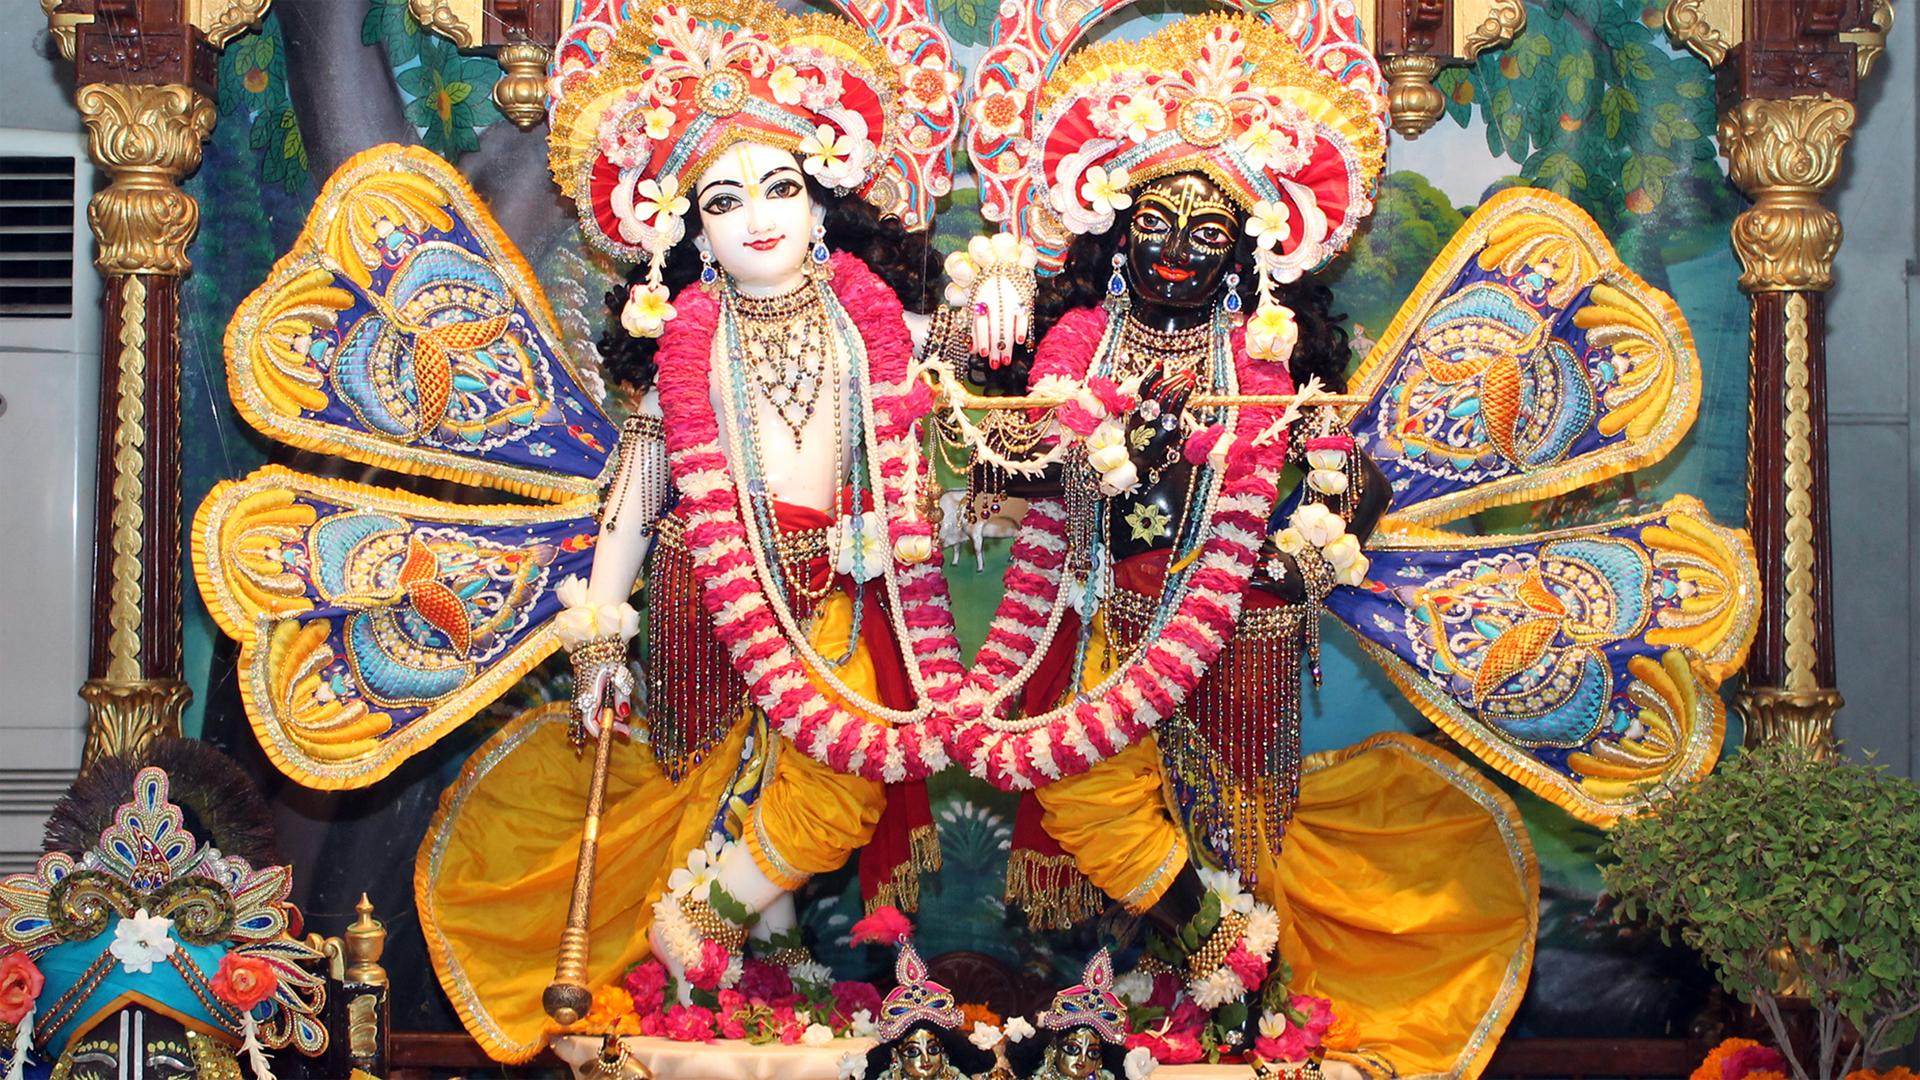 Sri Sri Krishna Balaram Wallpaper (011) Size 1920x1080 Download